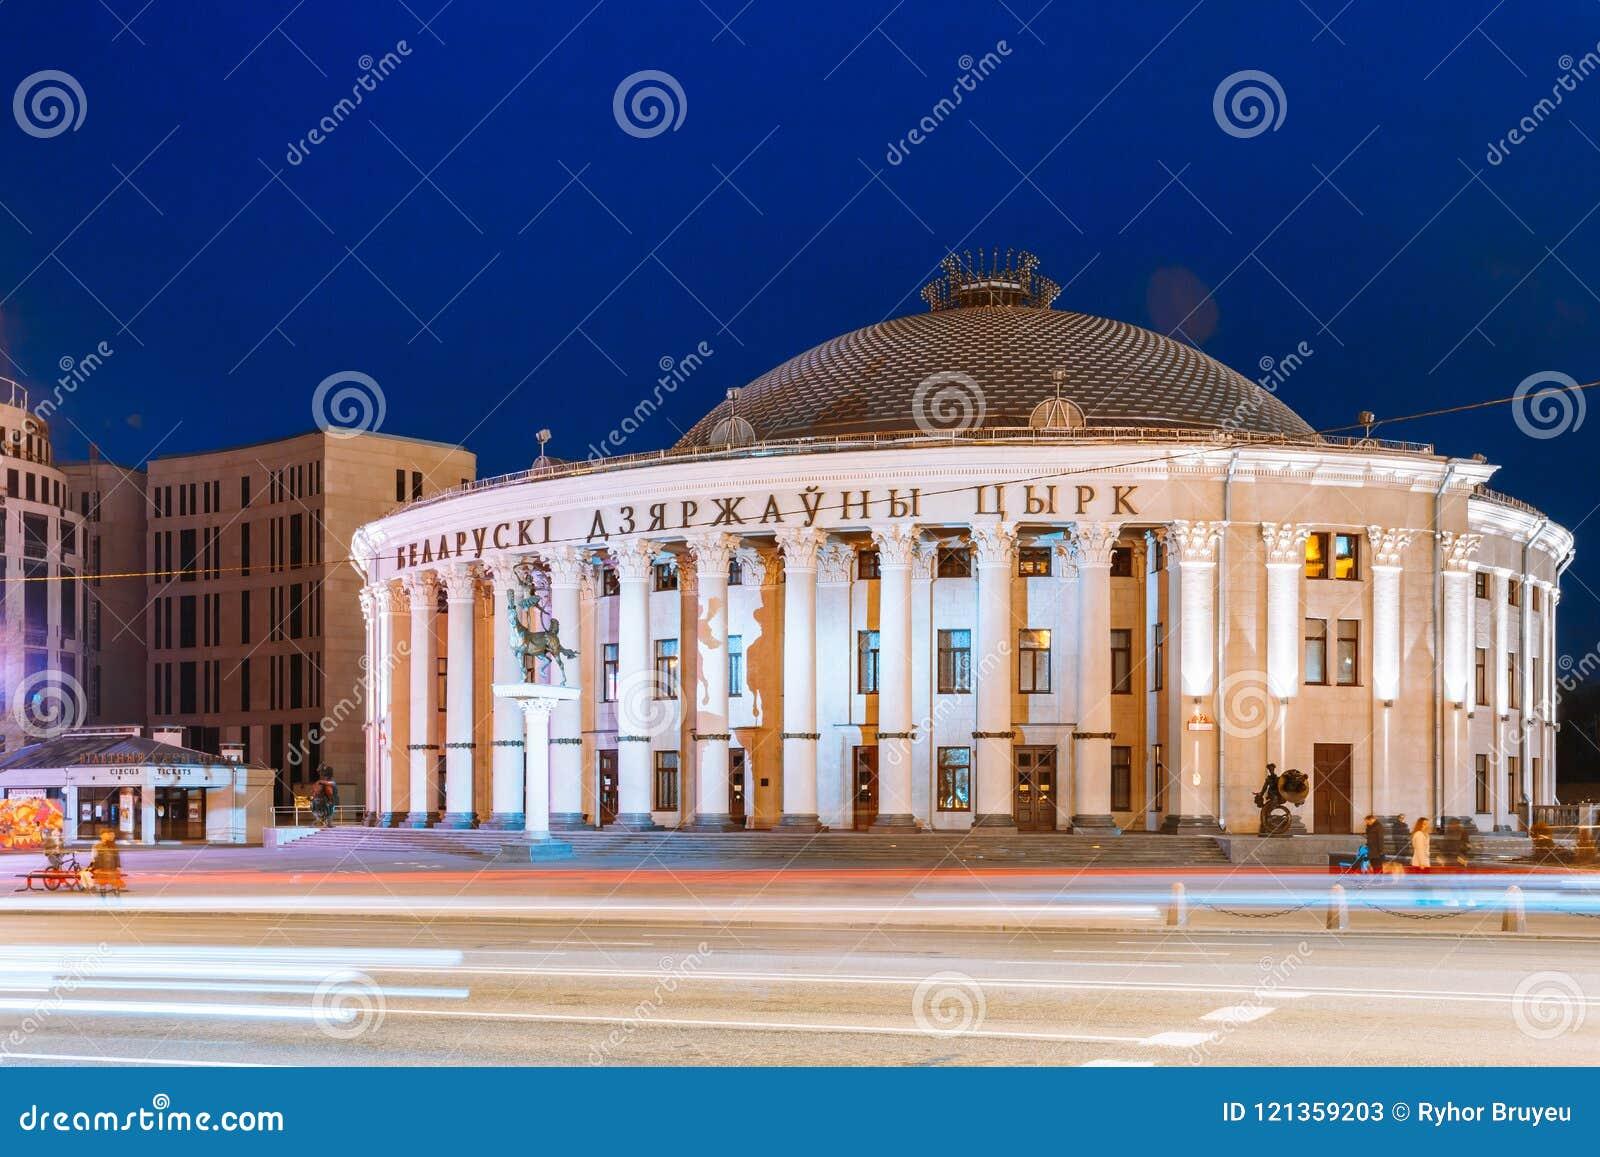 Gebäude des belarussischen Staatszirkus auf Unabhängigkeits-Allee in Minsk